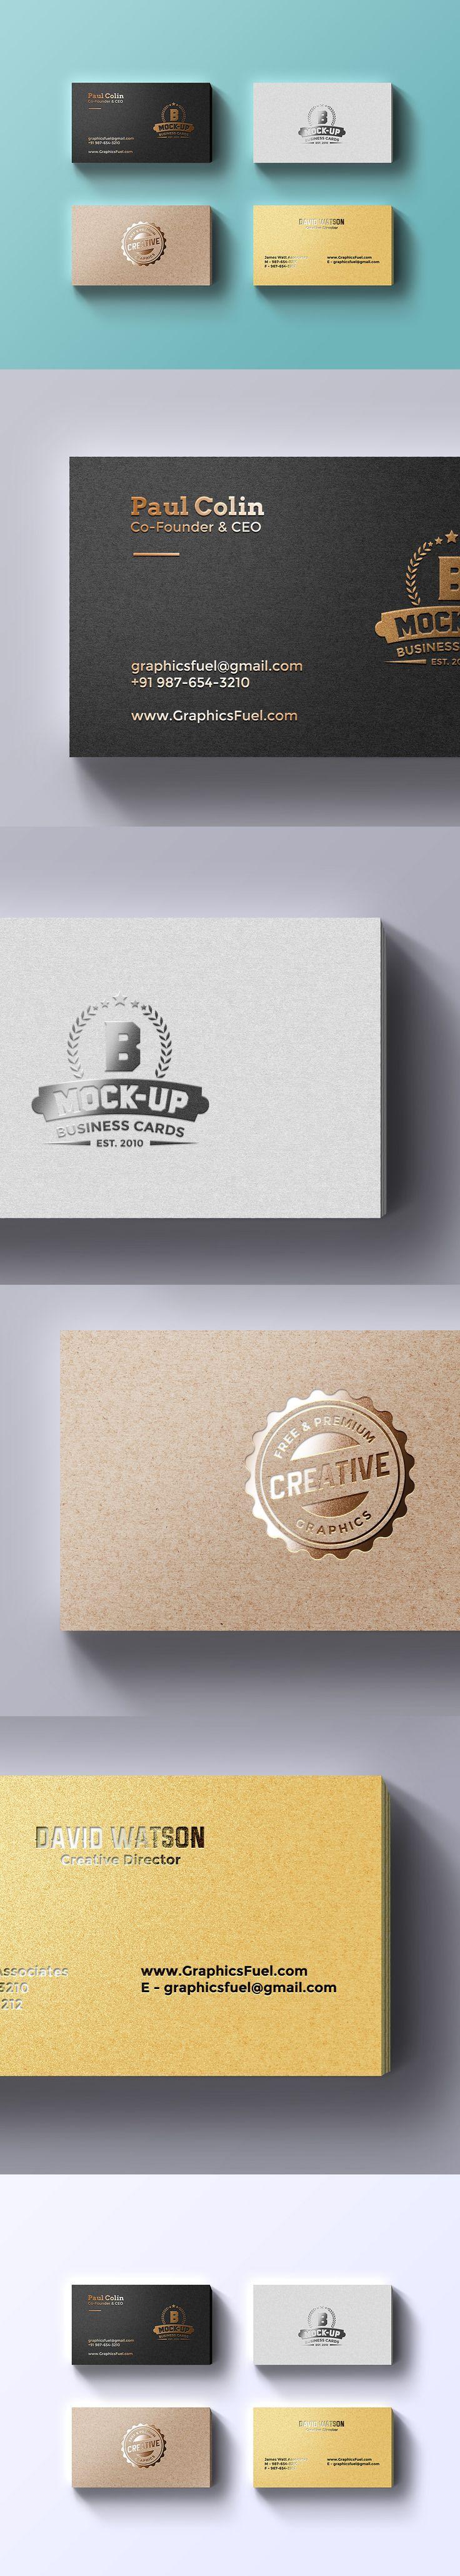 Best 25+ Foil business cards ideas on Pinterest | Gold foil ...